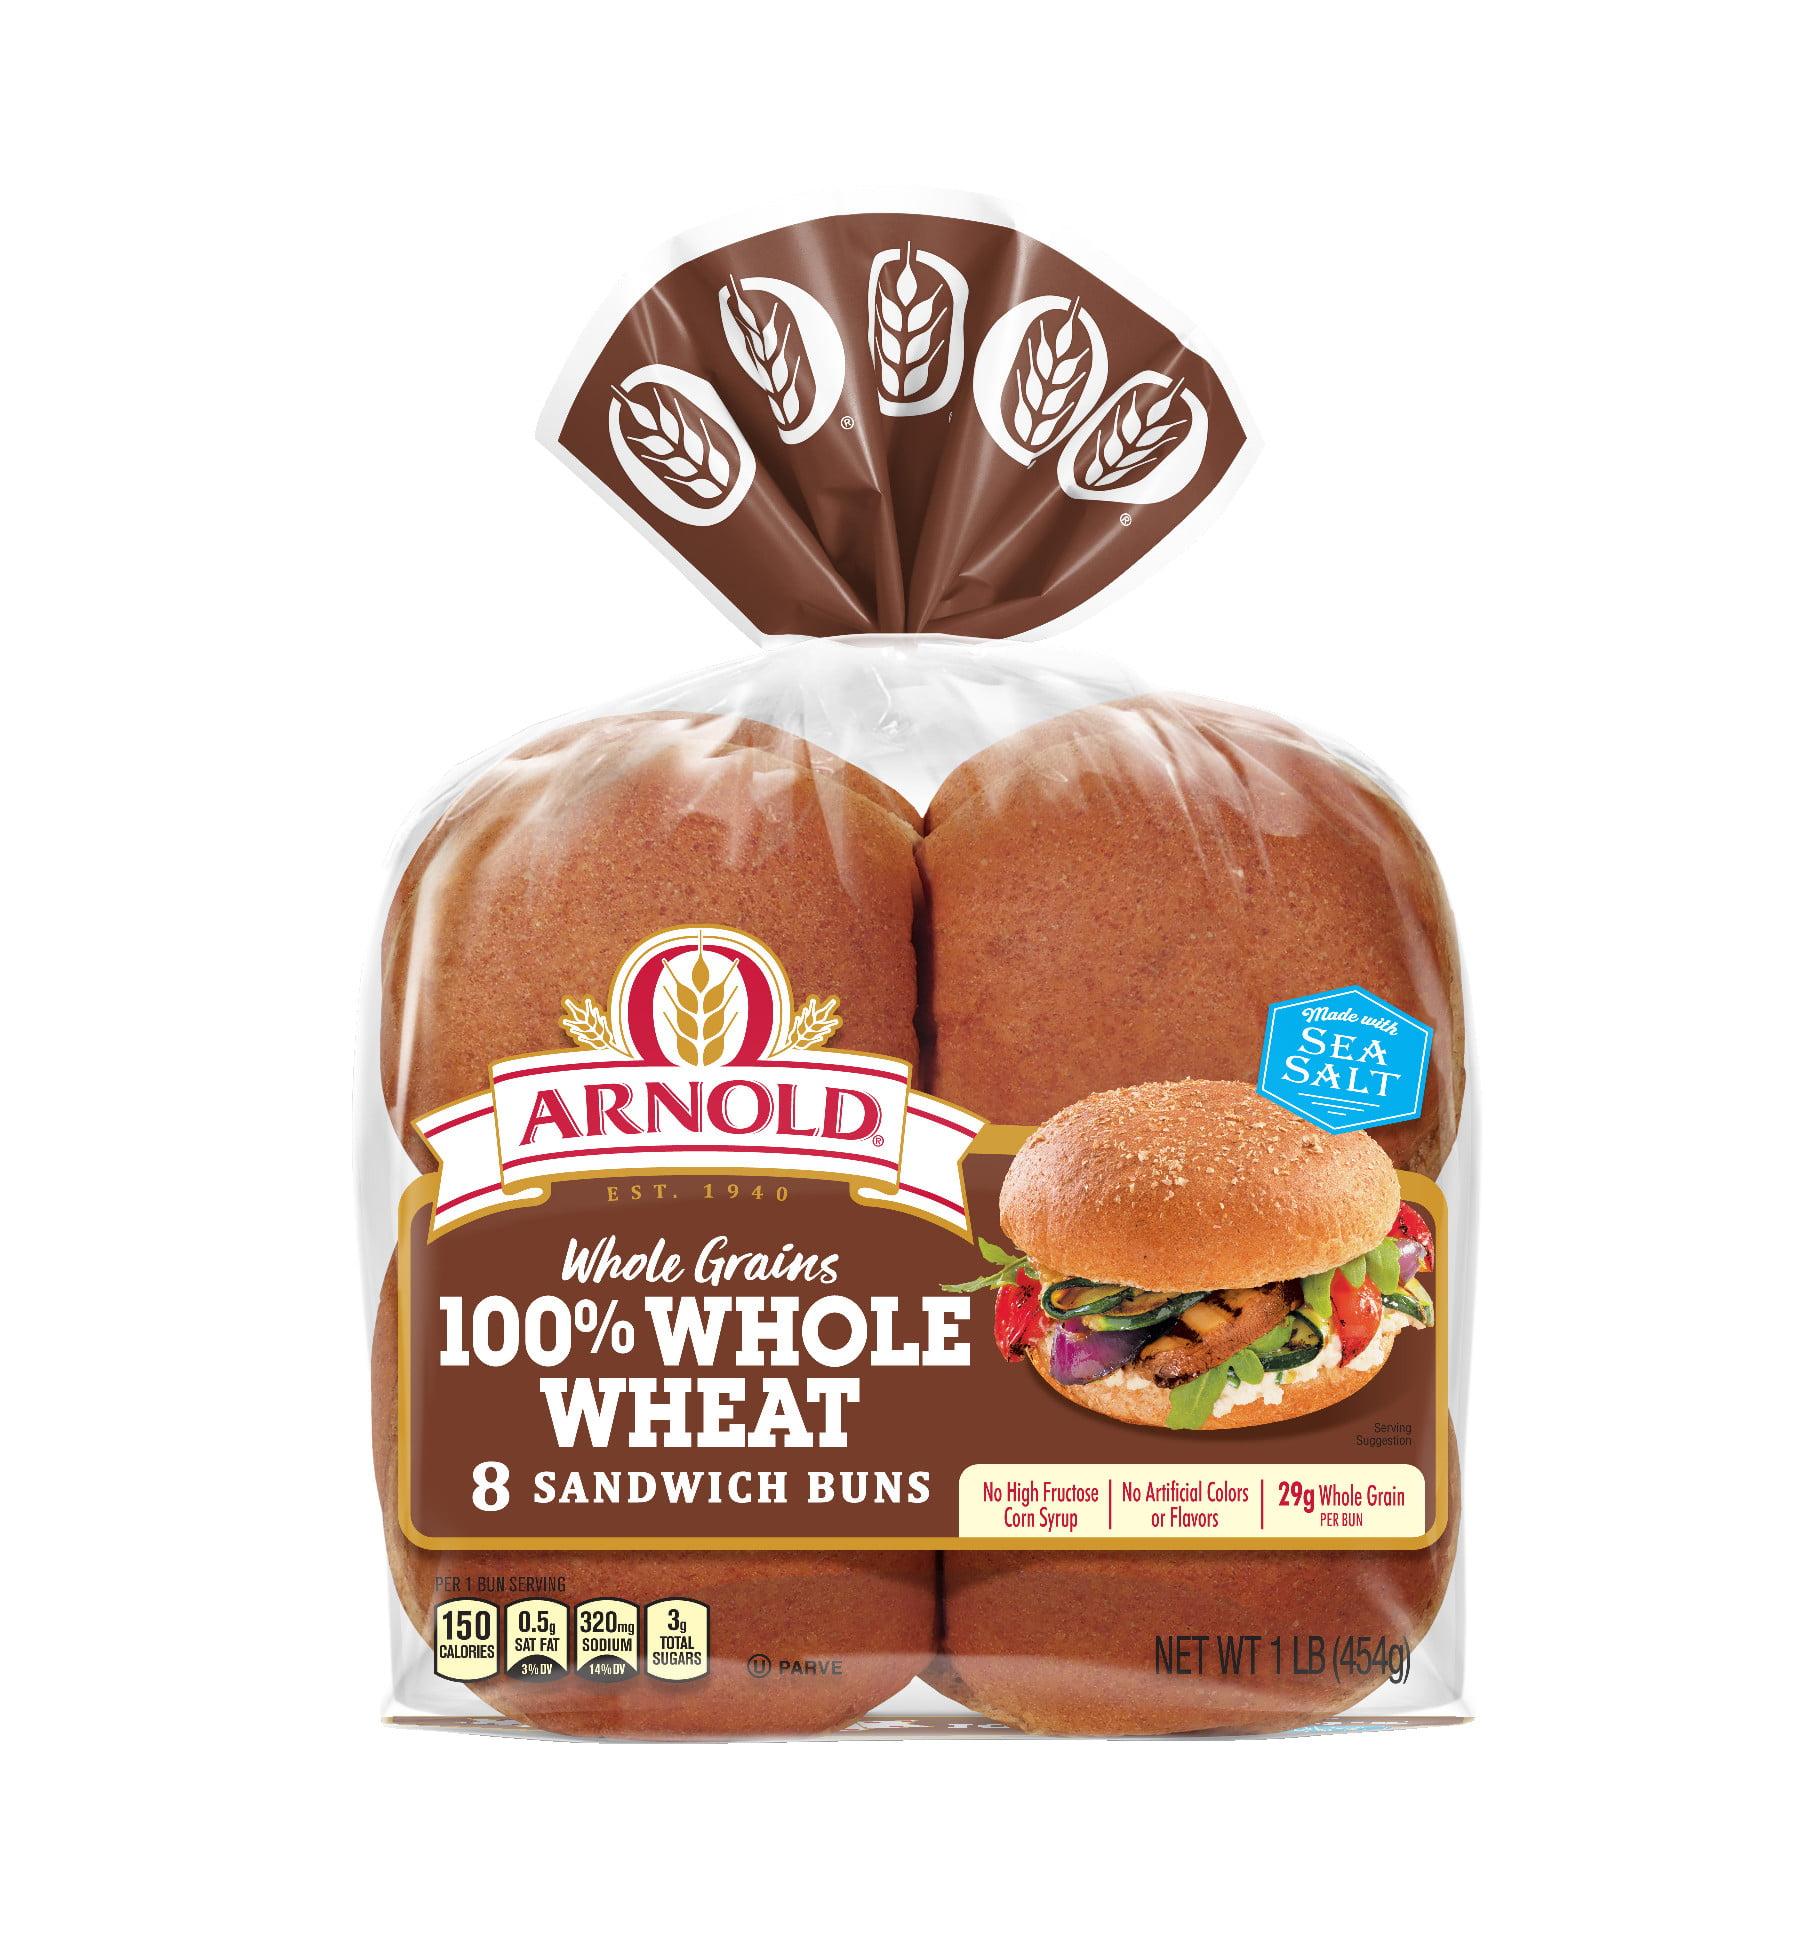 Arnold Whole Grains 100% Whole Wheat Sandwich Buns, 8 Buns, 16 oz